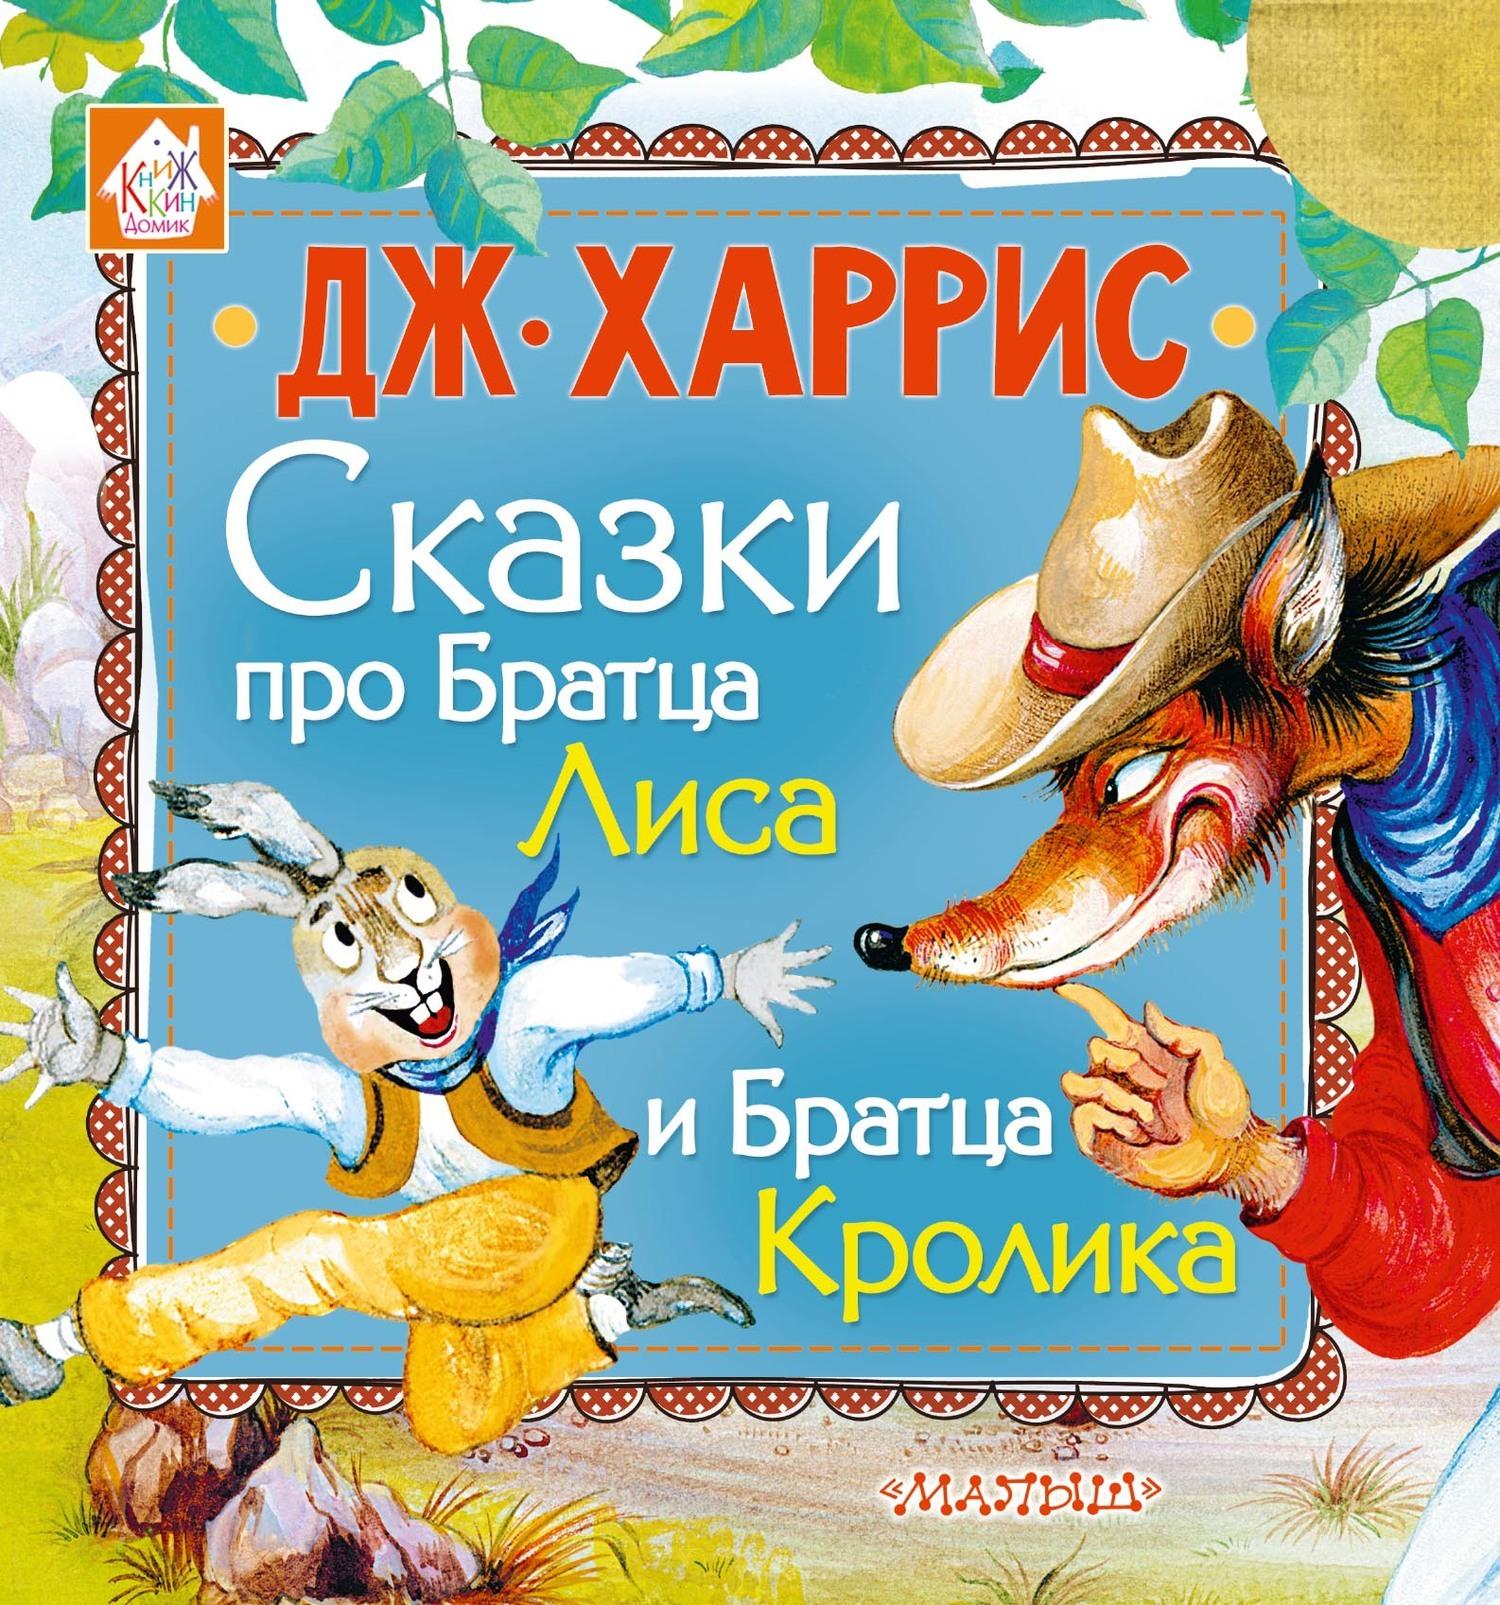 Джоэль Чендлер Харрис Сказки про Братца Лиса и Братца Кролика (сборник) irit ir 3124